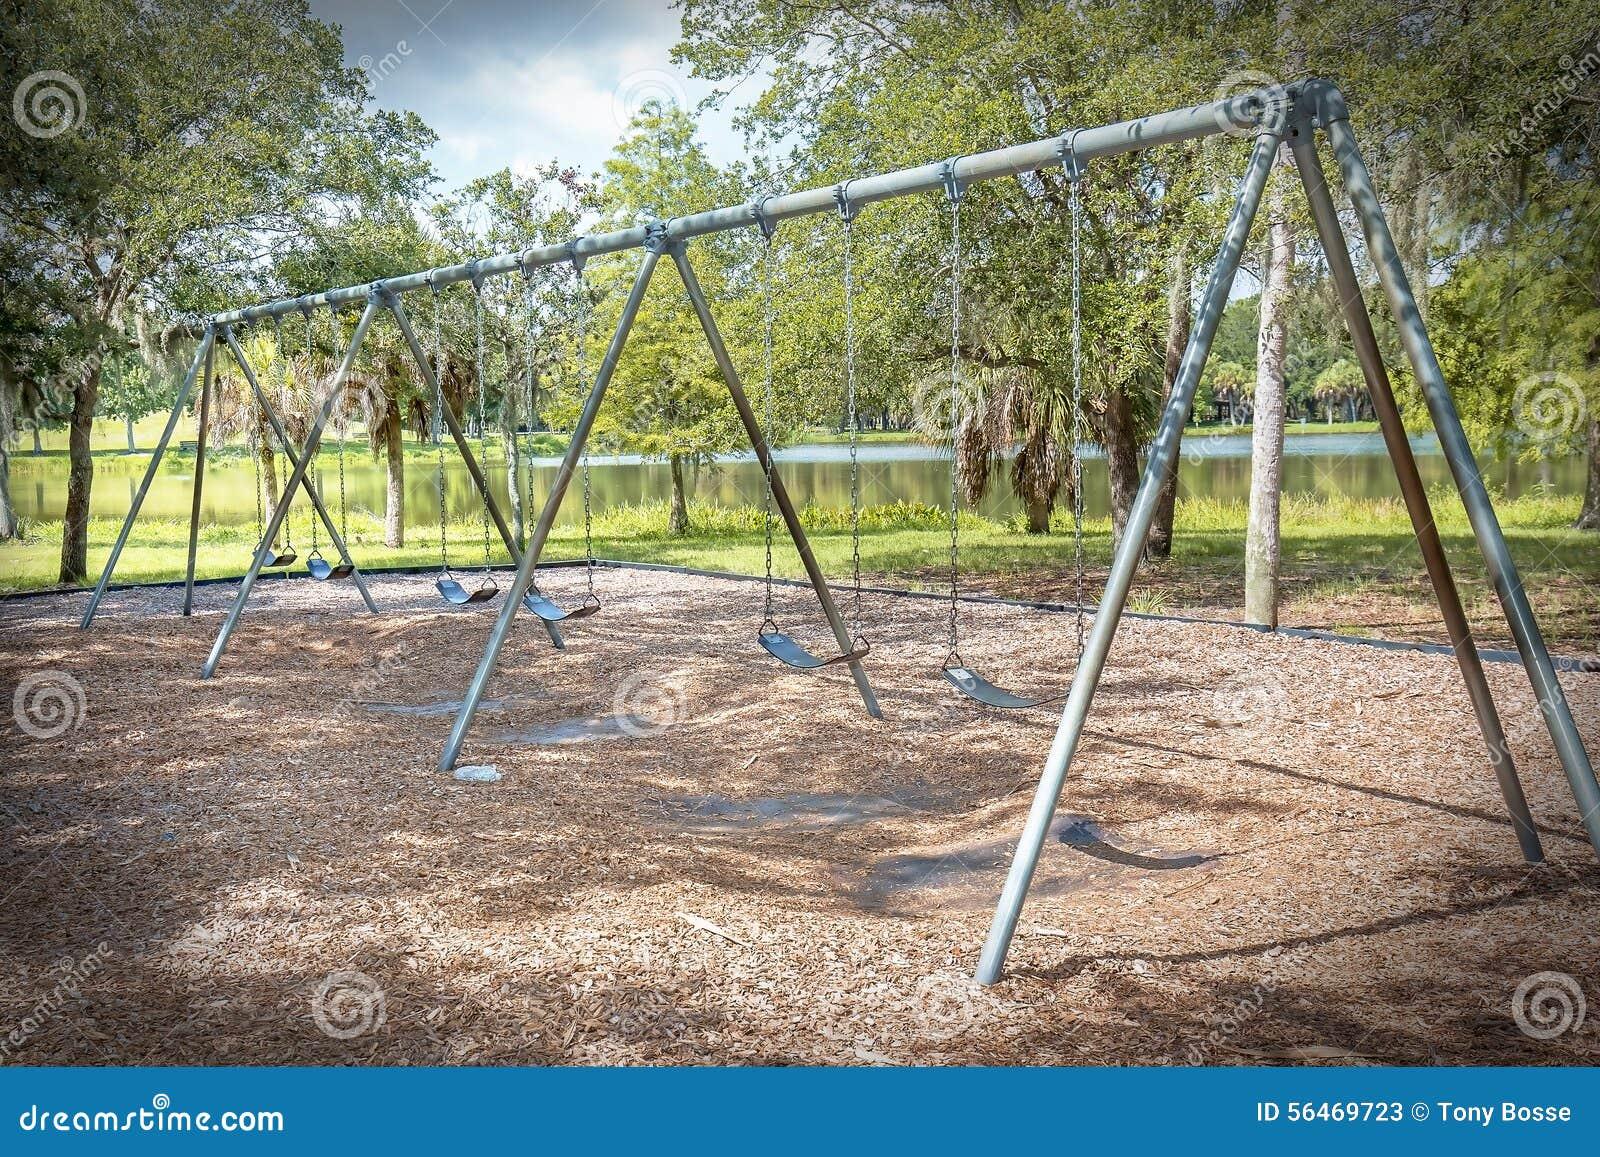 Public Swing Set Stock Photo Image 56469723